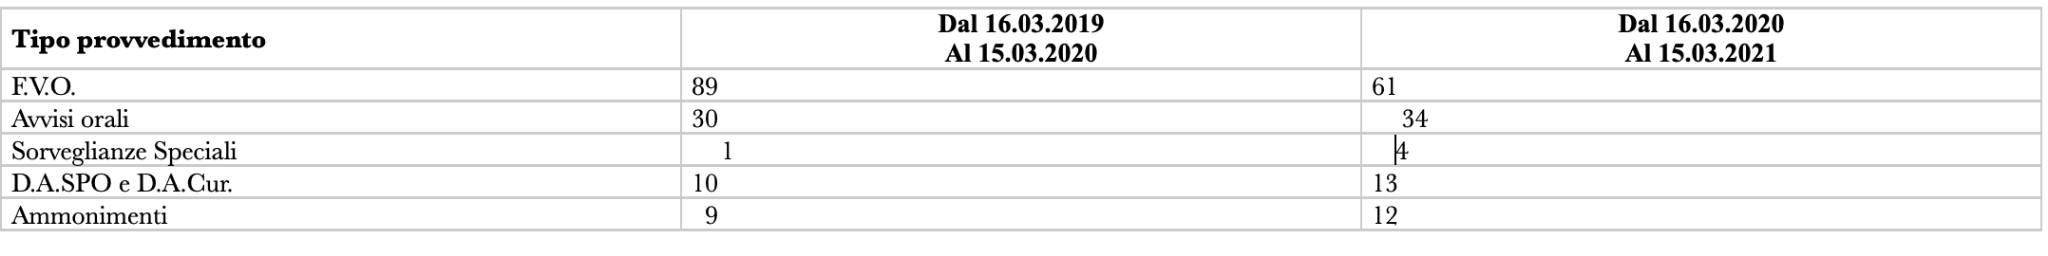 divisione anticrimine Pisa dati